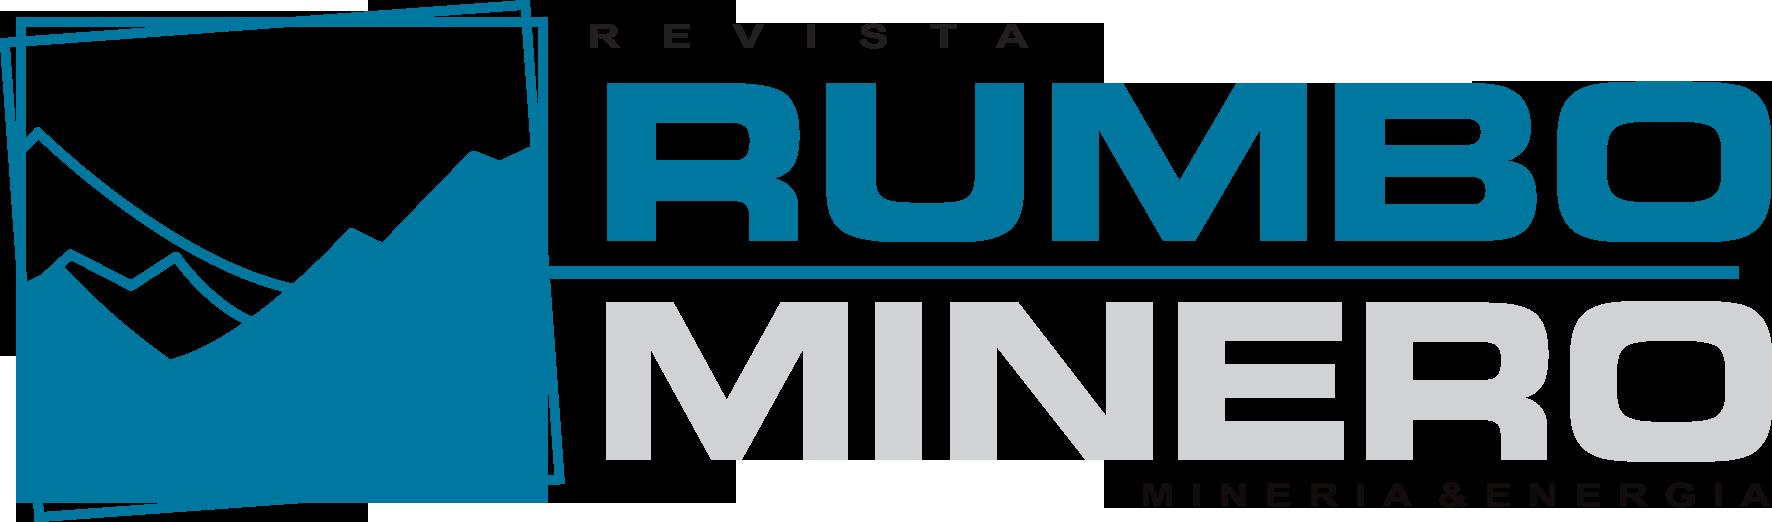 Rumbo Minero